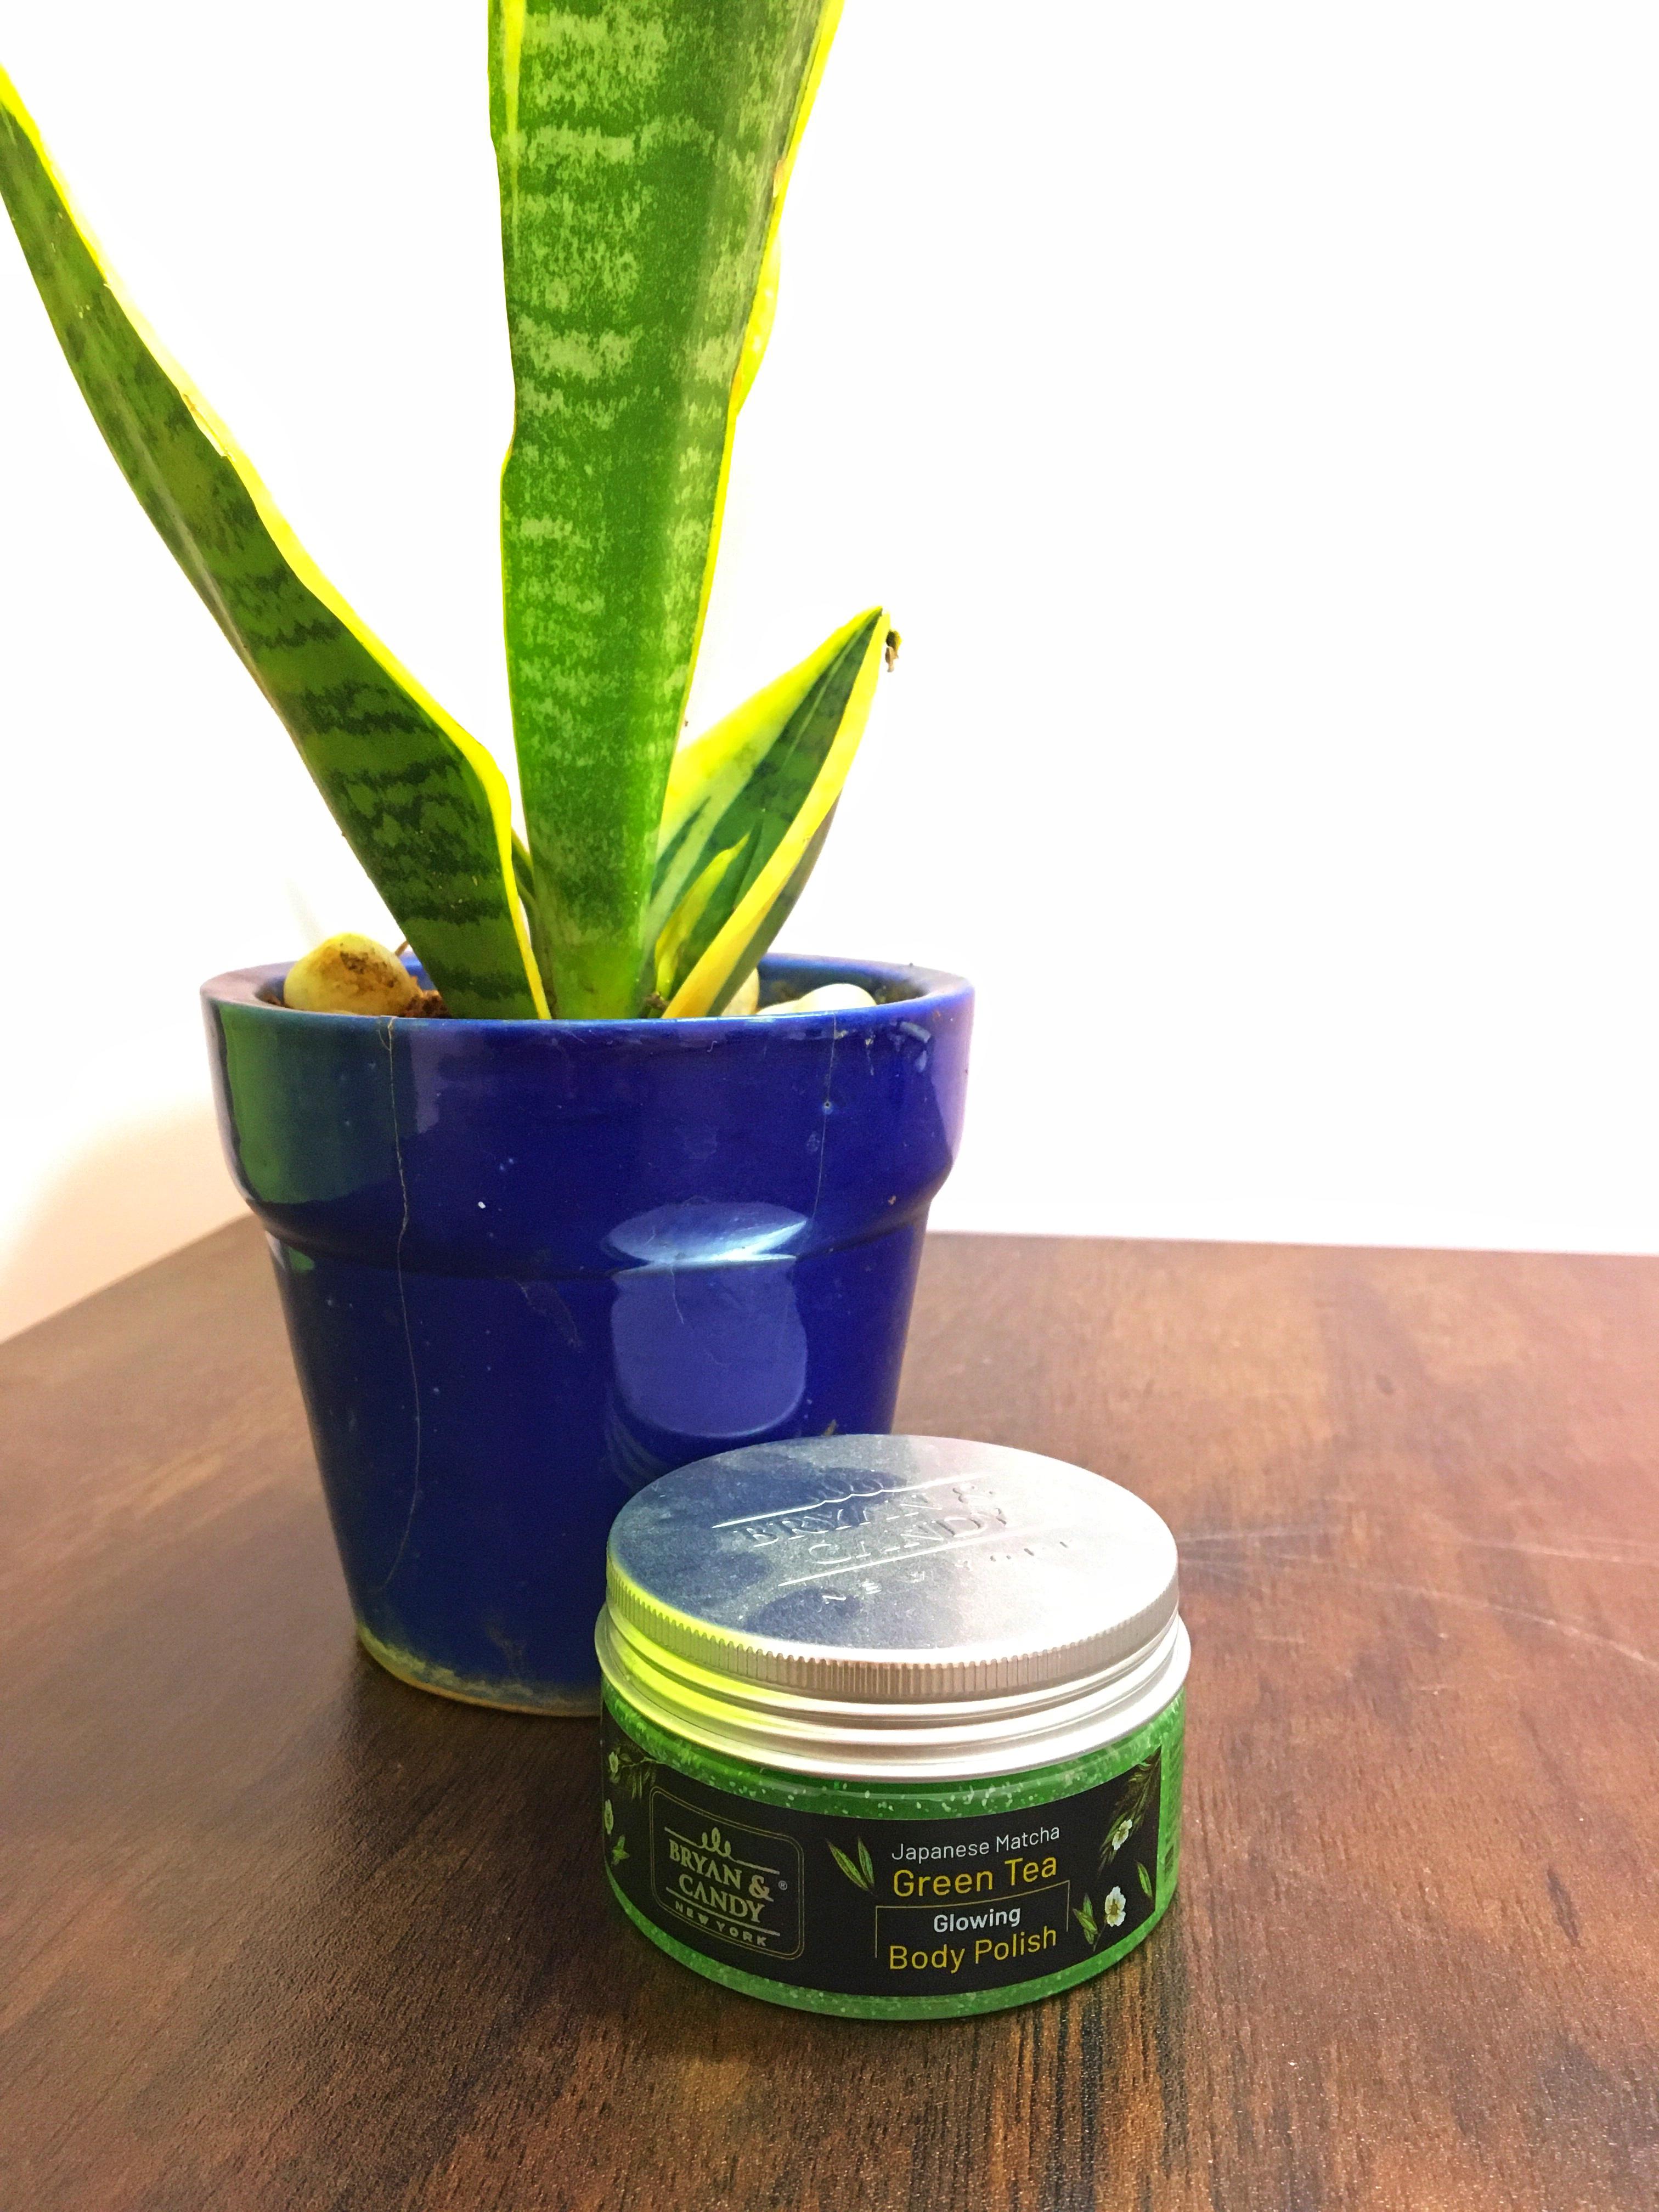 Bryan & Candy New York Green Tea Body Polish-Amazing Body Polish Gel-By anwesha.sarkar9-3